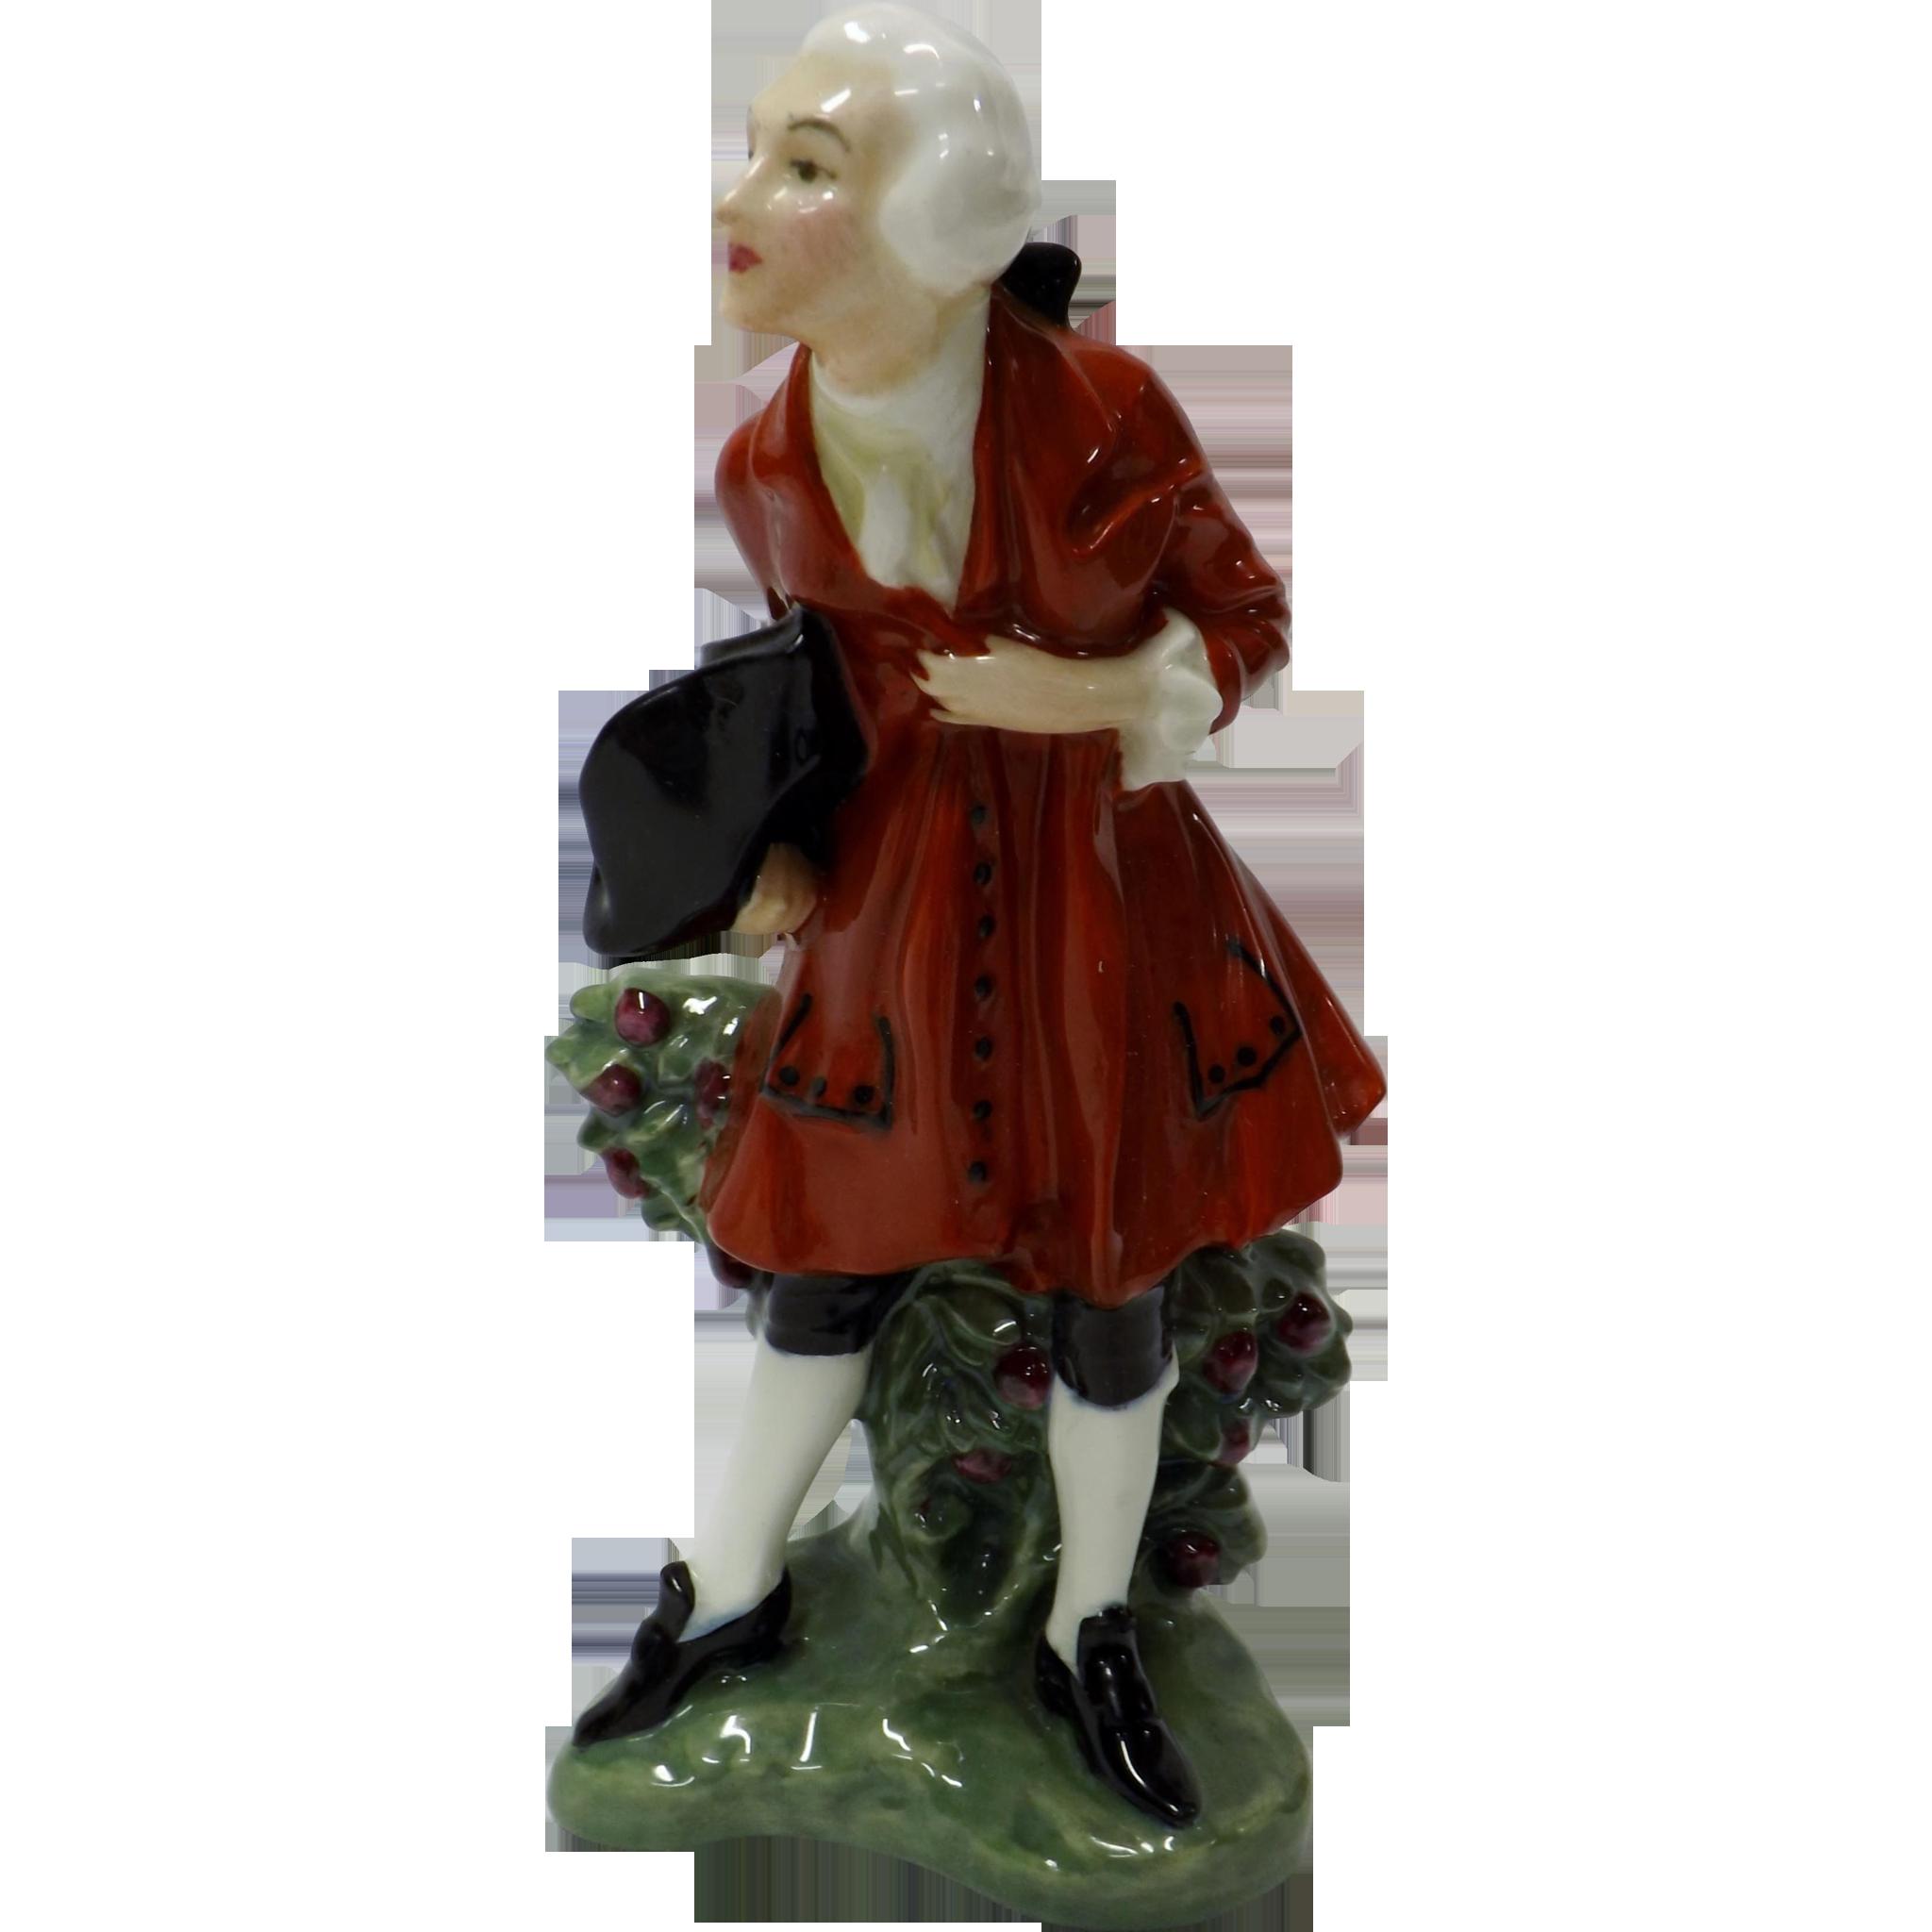 RARE Royal Doulton 1926 Figurine 'Masquerade' HN599